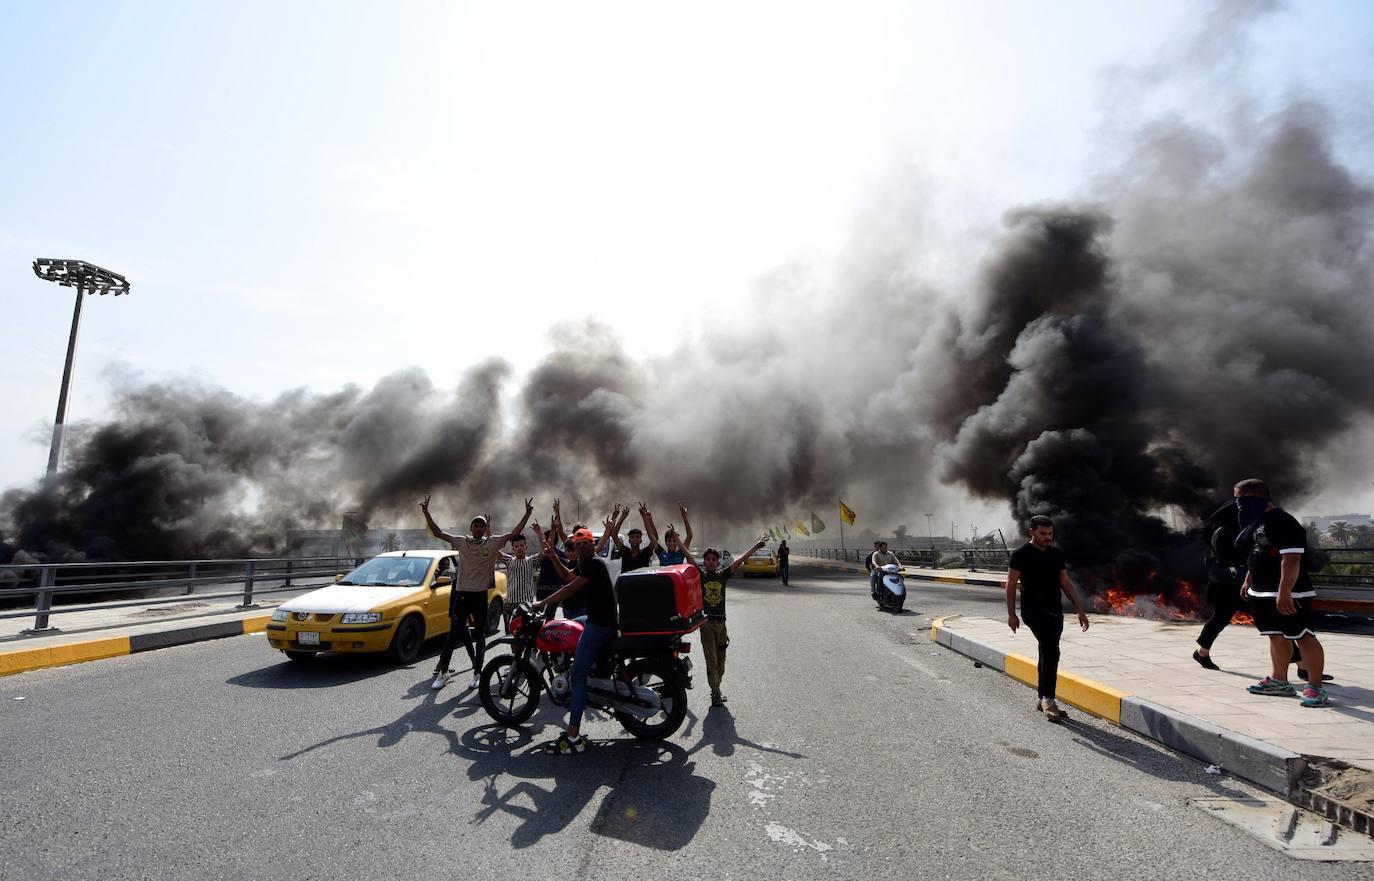 El gobernador de Bagdad presenta su dimisión tras los últimos disturbios